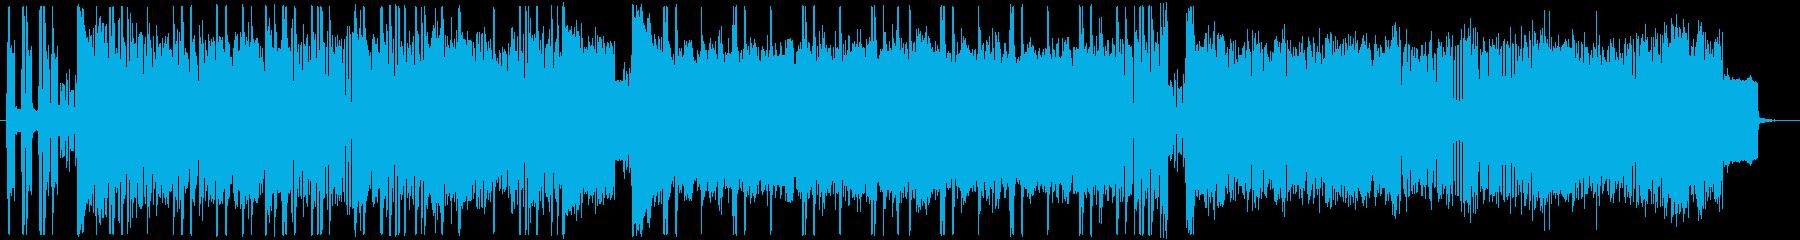 切ない チップチューン 002の再生済みの波形